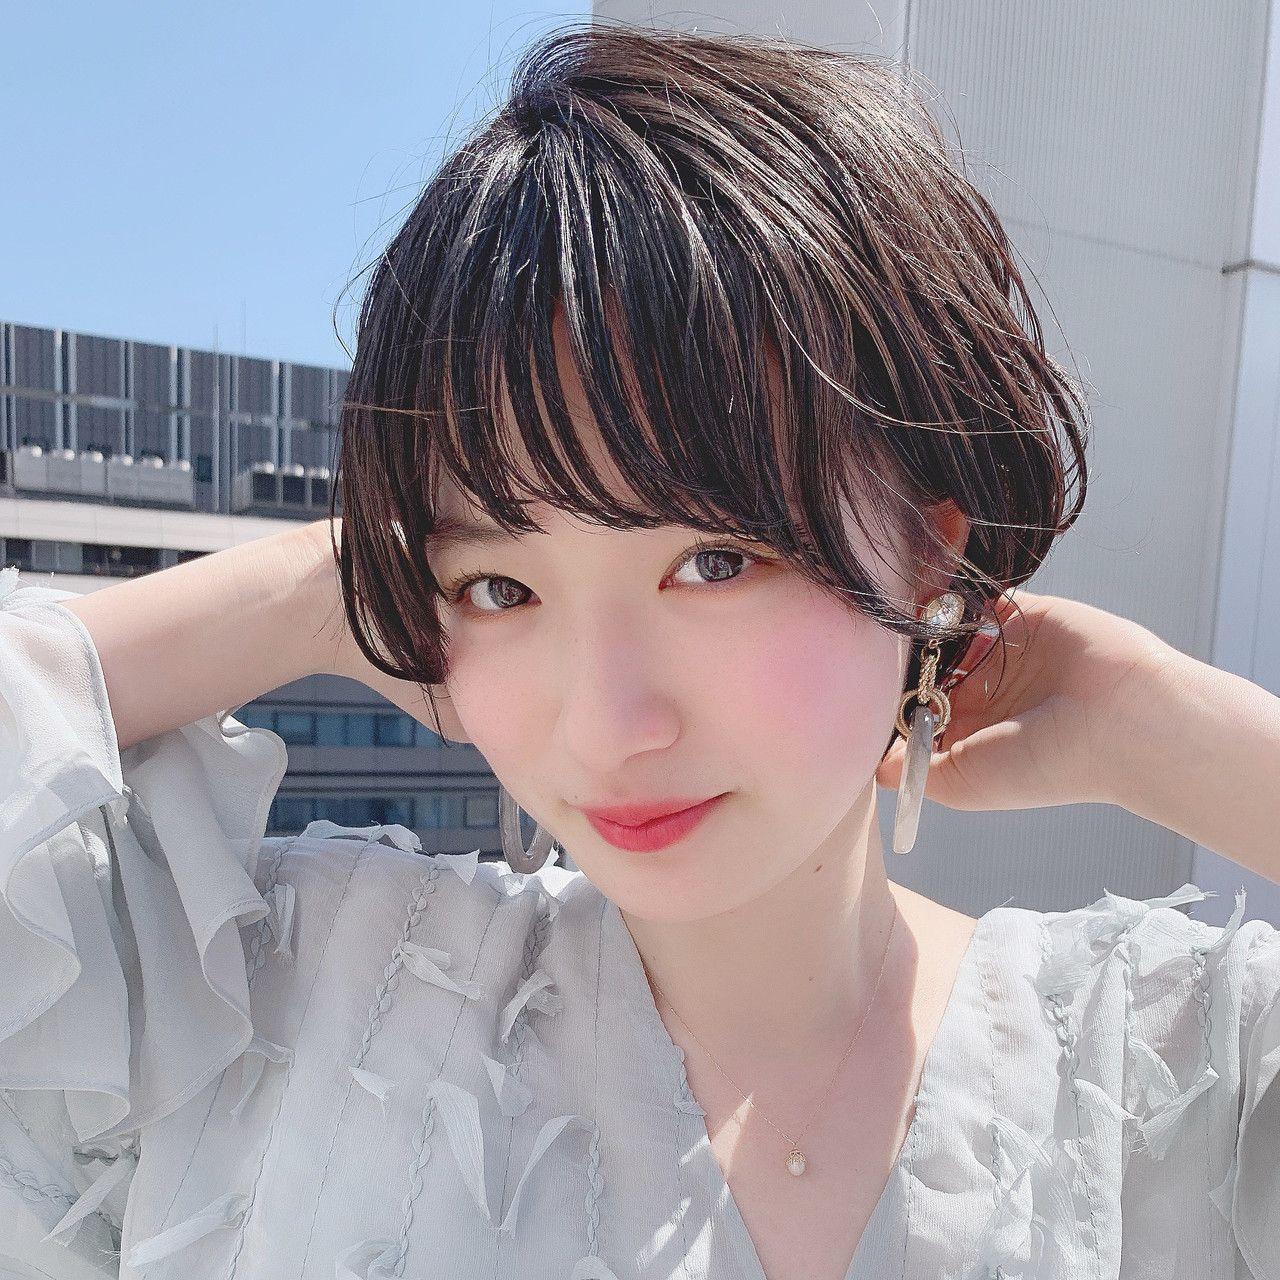 パーマ スポーツ ショート デート Sand Omotesando 阿比留 奨太 Sand 466811 Hair 2020 結婚式 ショート ヘア